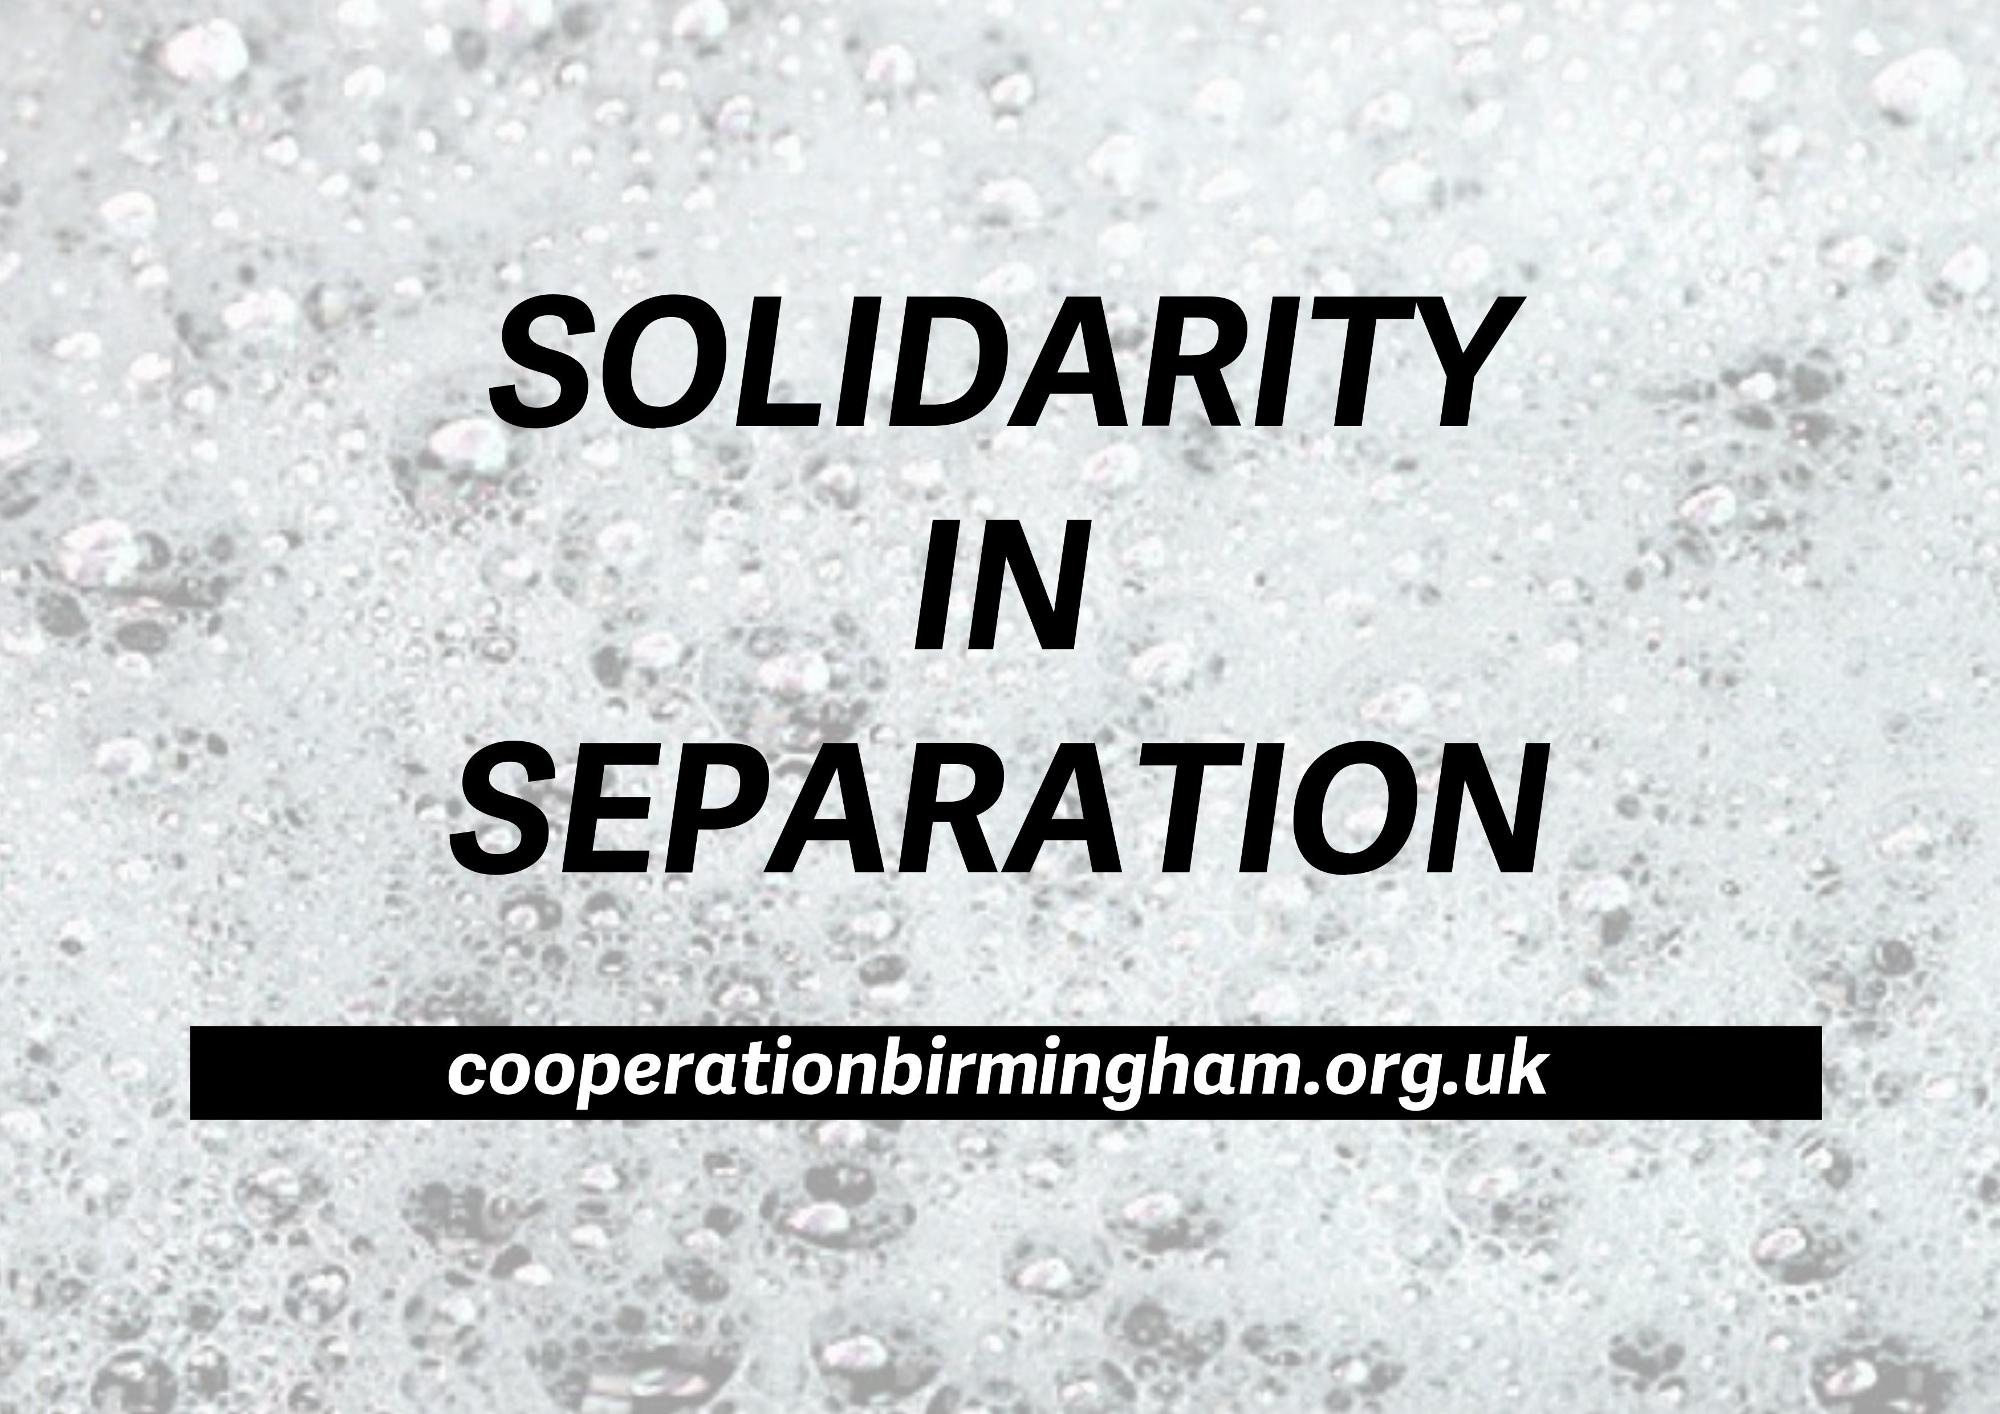 Cooperation Birmingham